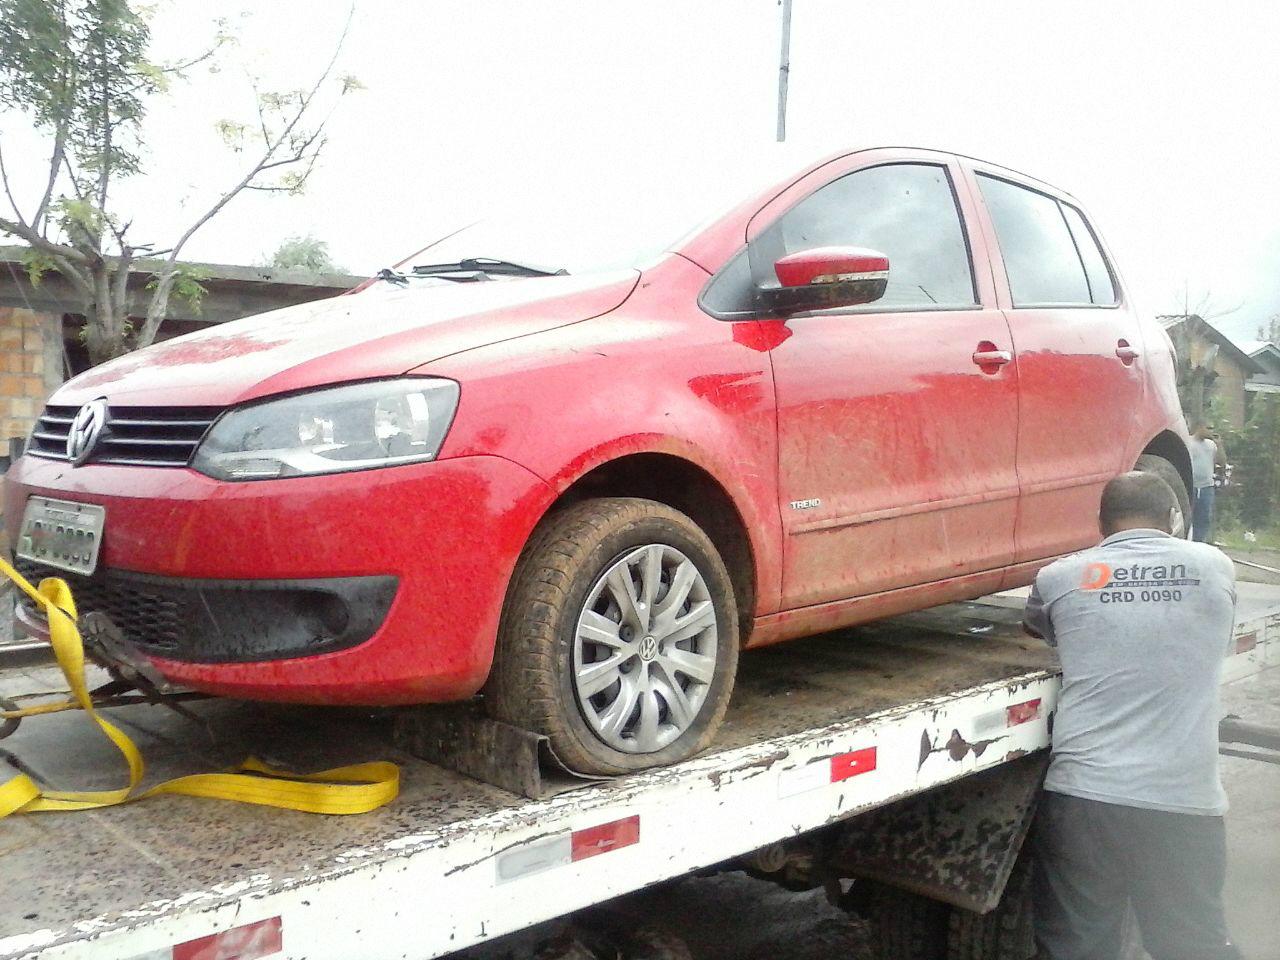 Carro recuperado pela Brigada Militar estava em ocorrência de roubo   Foto: 24º BPM / Divulgação / OA